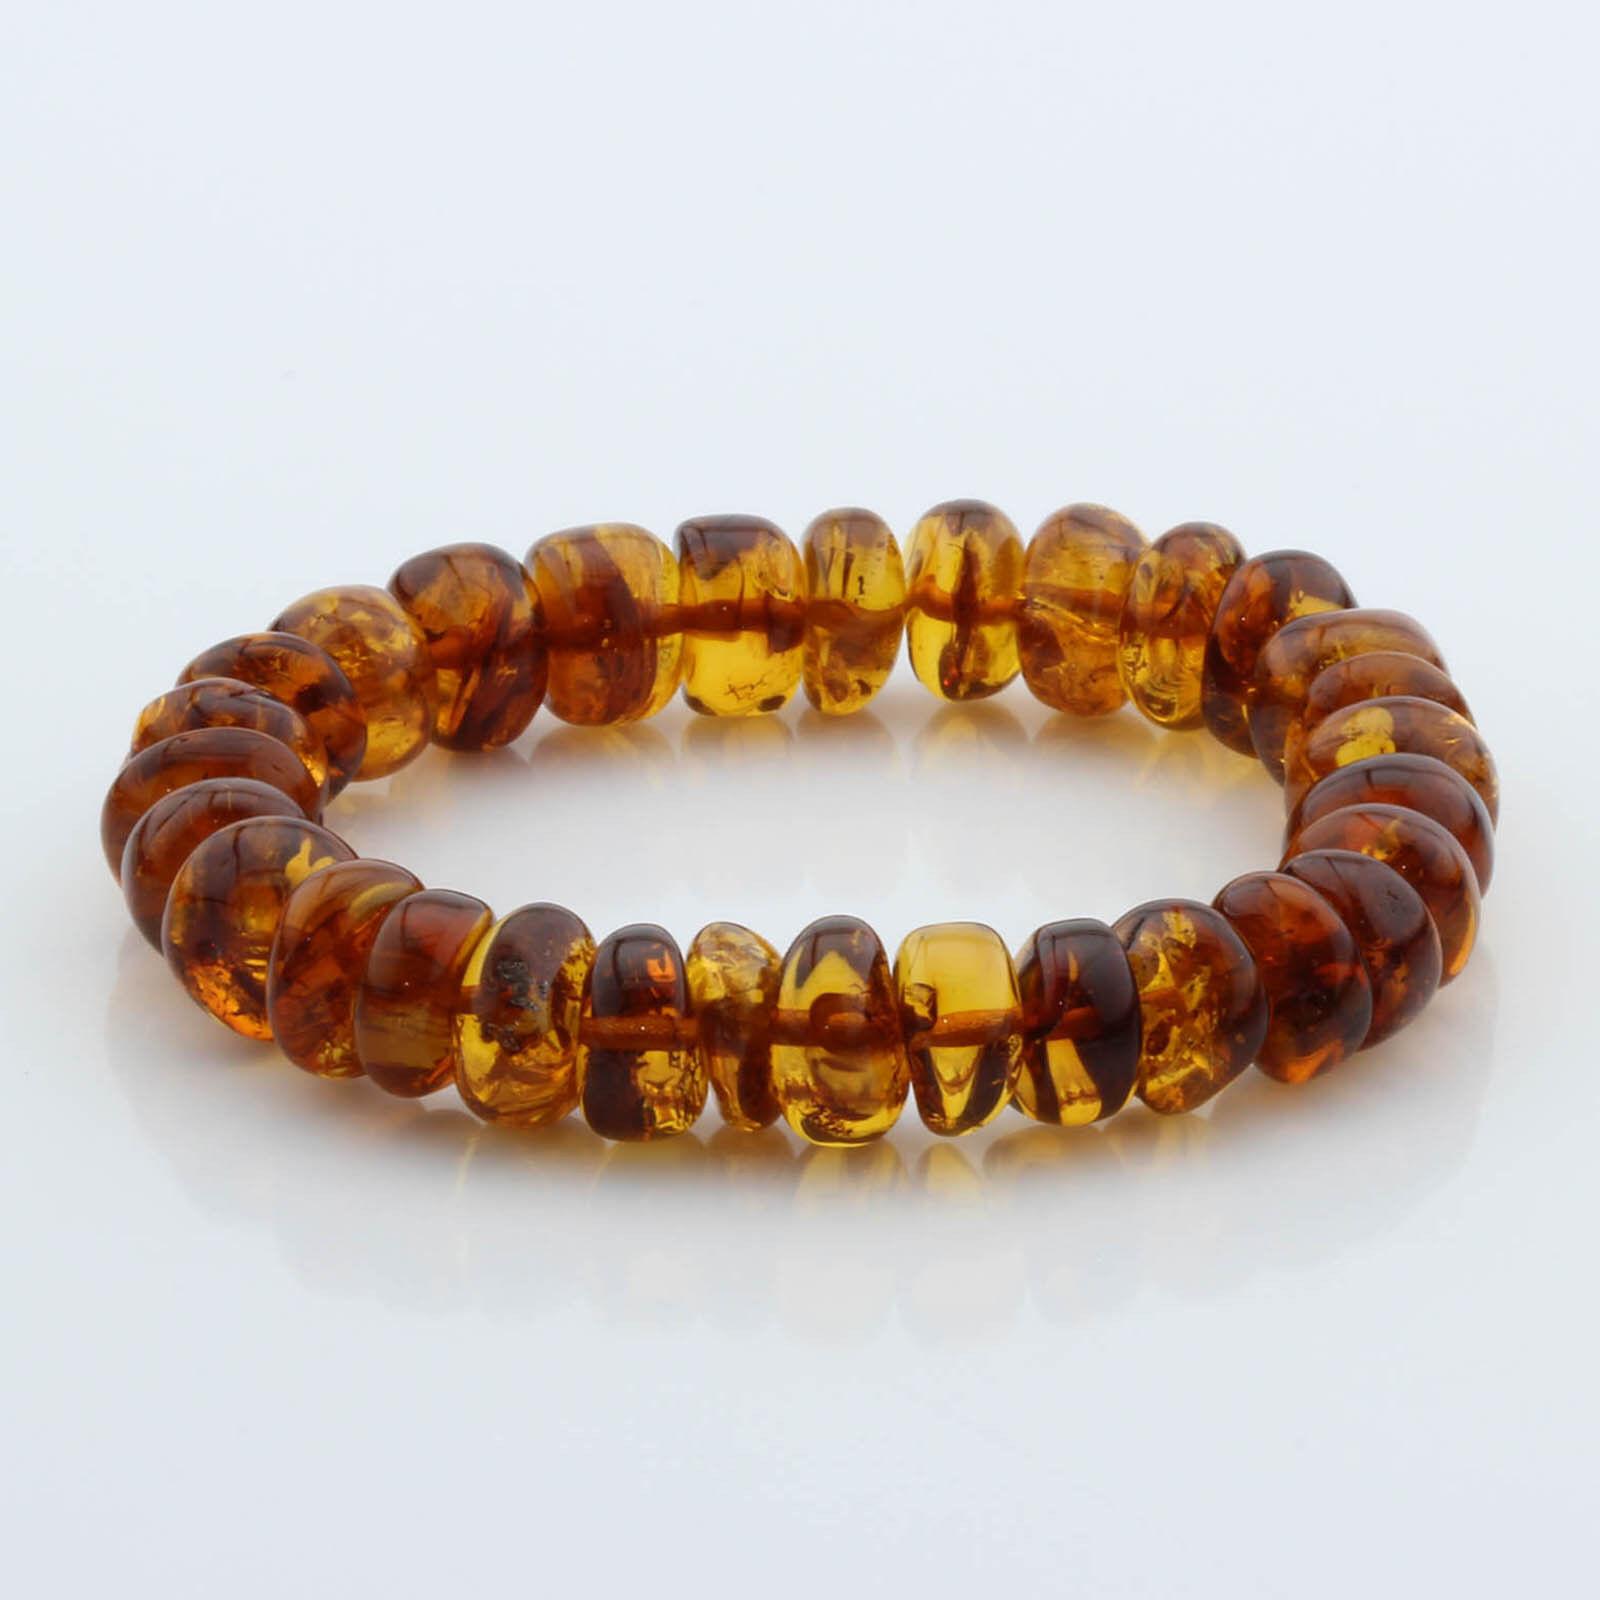 Bracciale Bracciale Bracciale ambra naturale baltica perline tablet di grandi dimensioni 10 mm 13 G. MRC208 6b8836